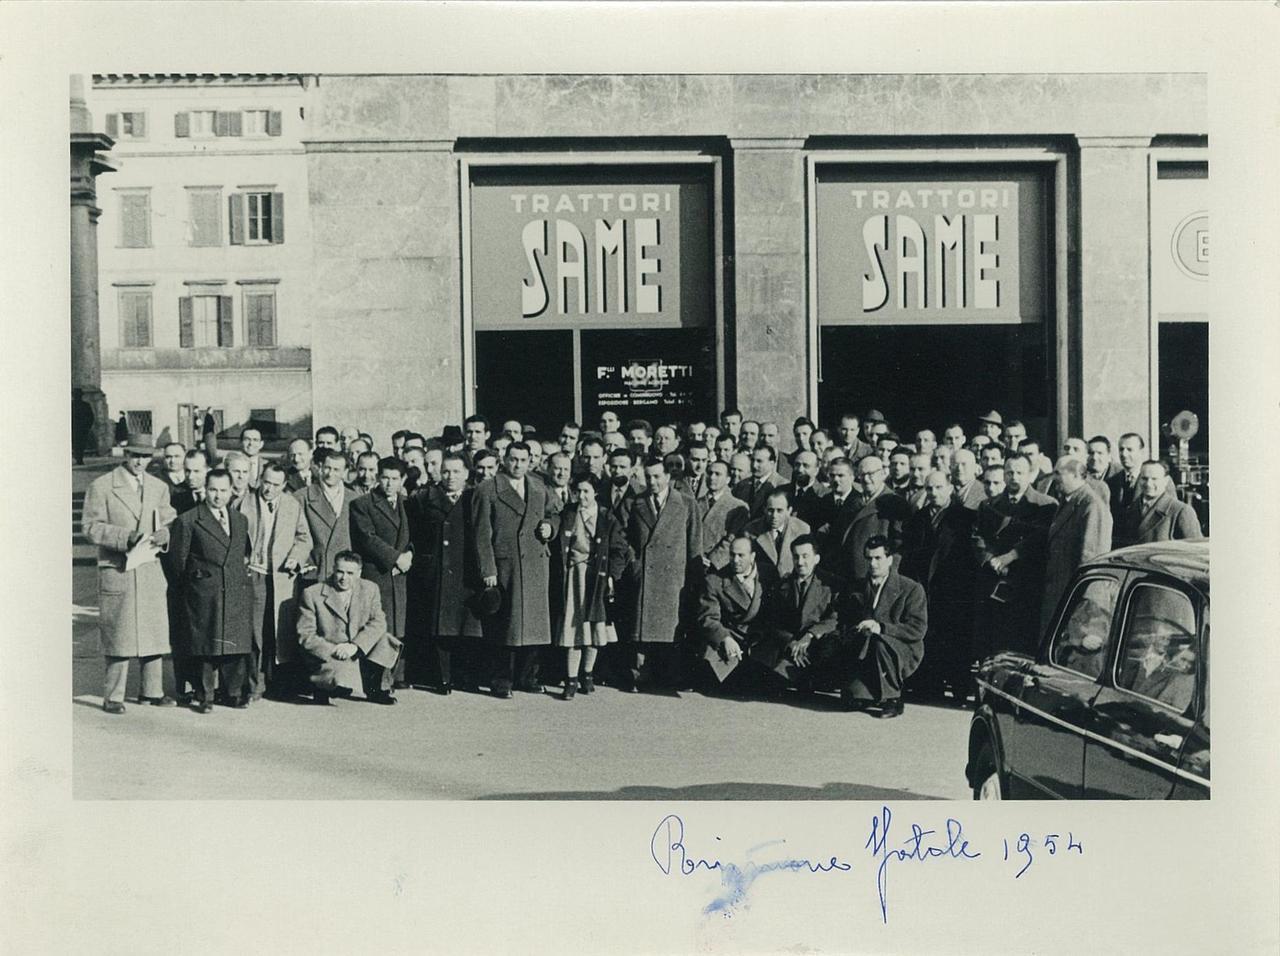 Riunione Agenti Same - Negozio di Bergamo del concessionario F.lli Moretti